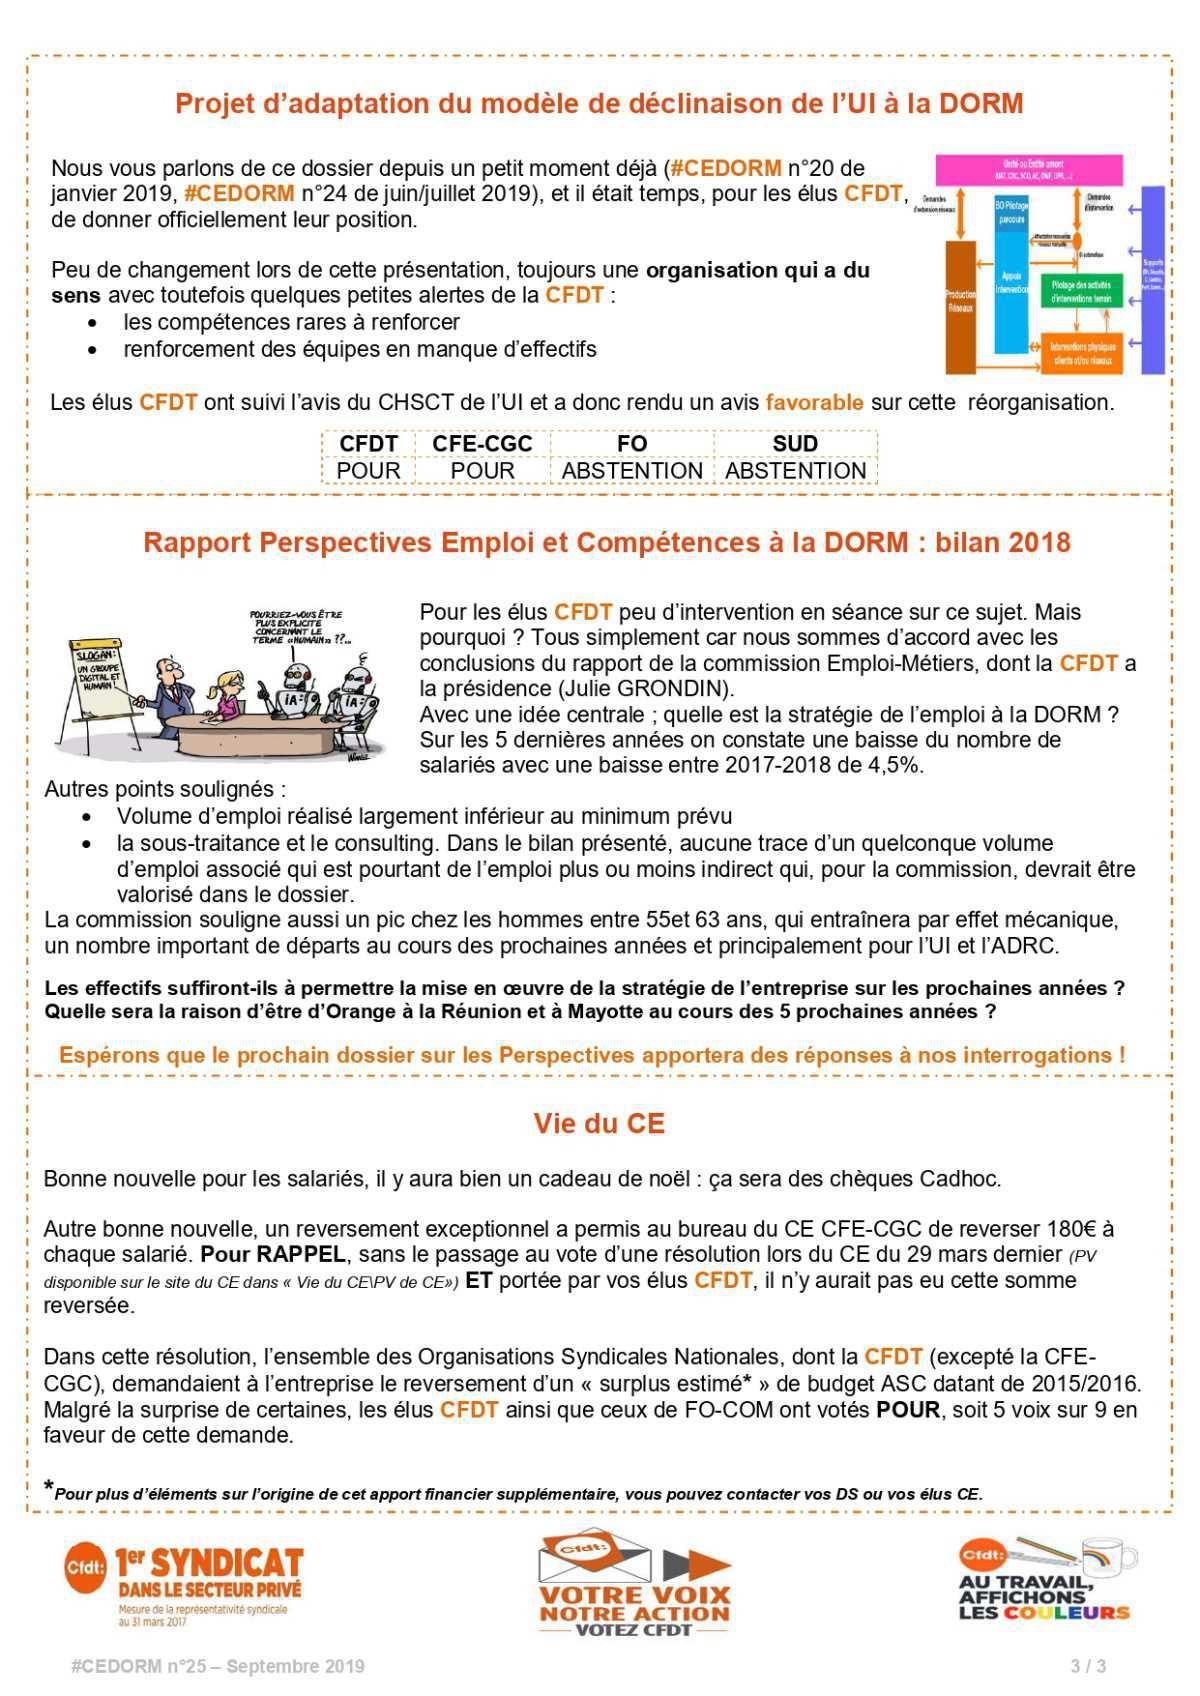 #CEDORM n°25 - Août 2019